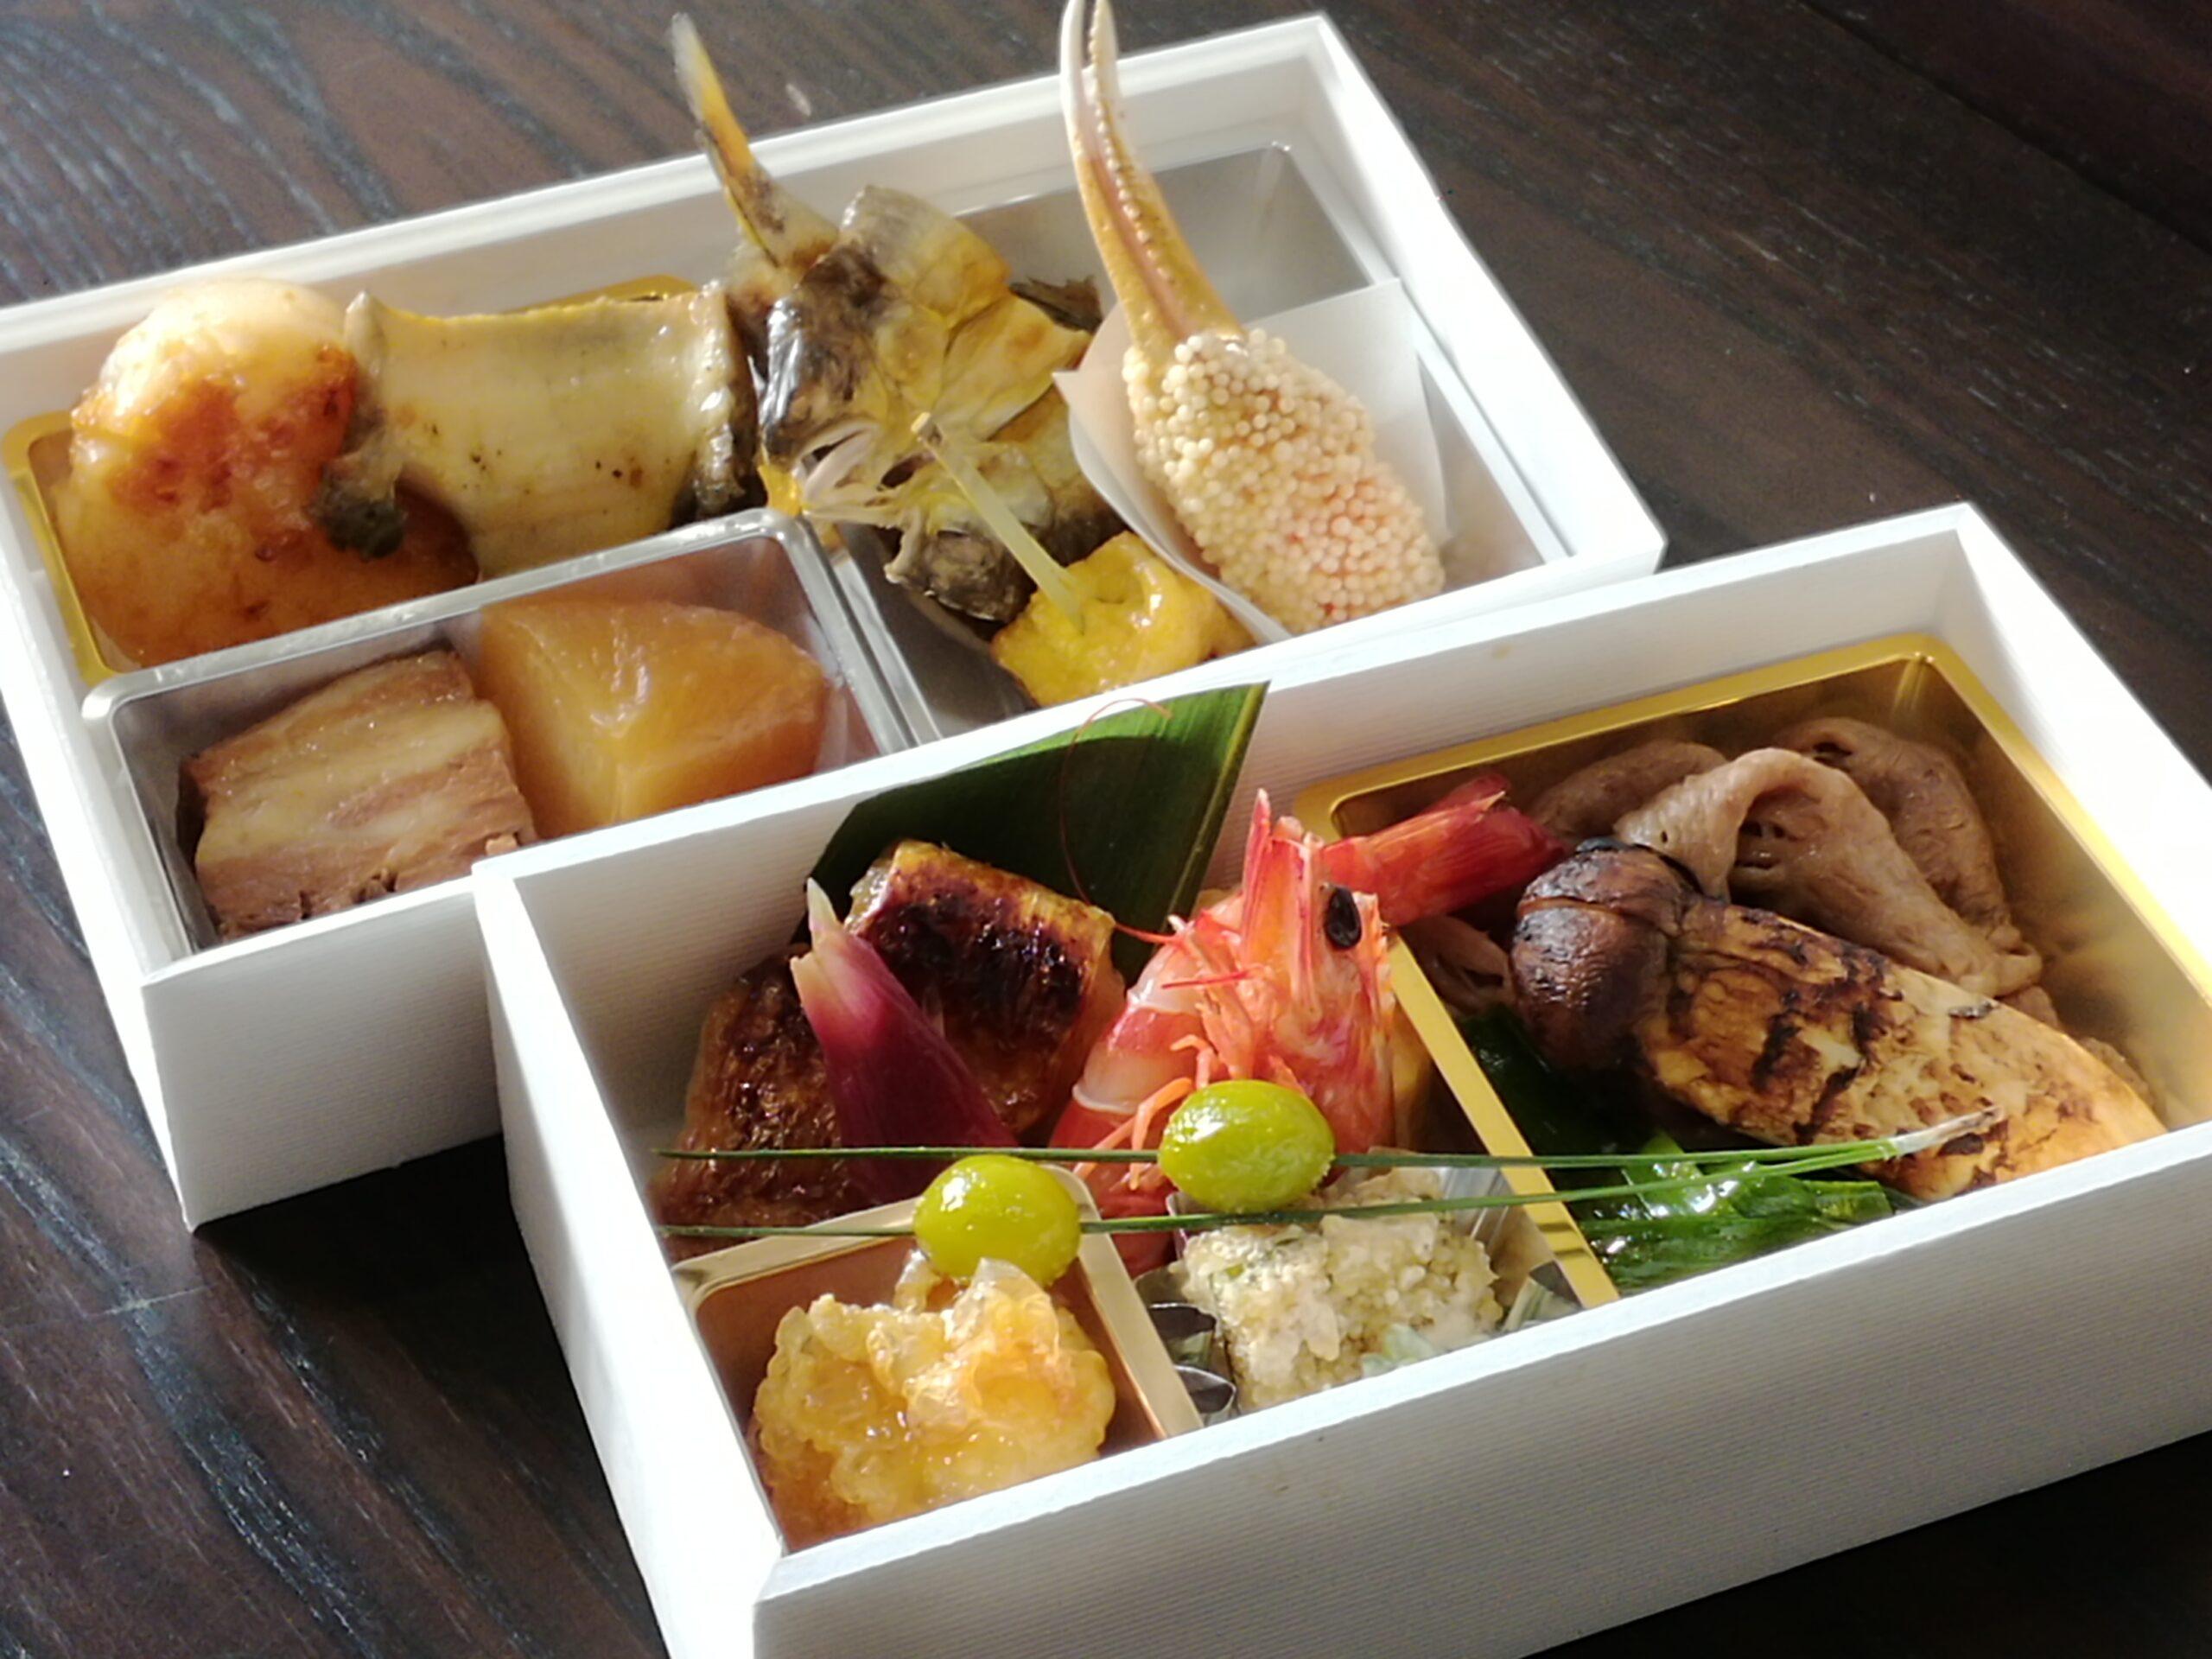 【日本料理みつわ】オードブル<p>ご予算に合わせて、 季節のオードブルをご用意いたします。 魚介やお肉、旬の食材を幅広く使い、 目移りしてしまいそうなお料理が並びます。</p>